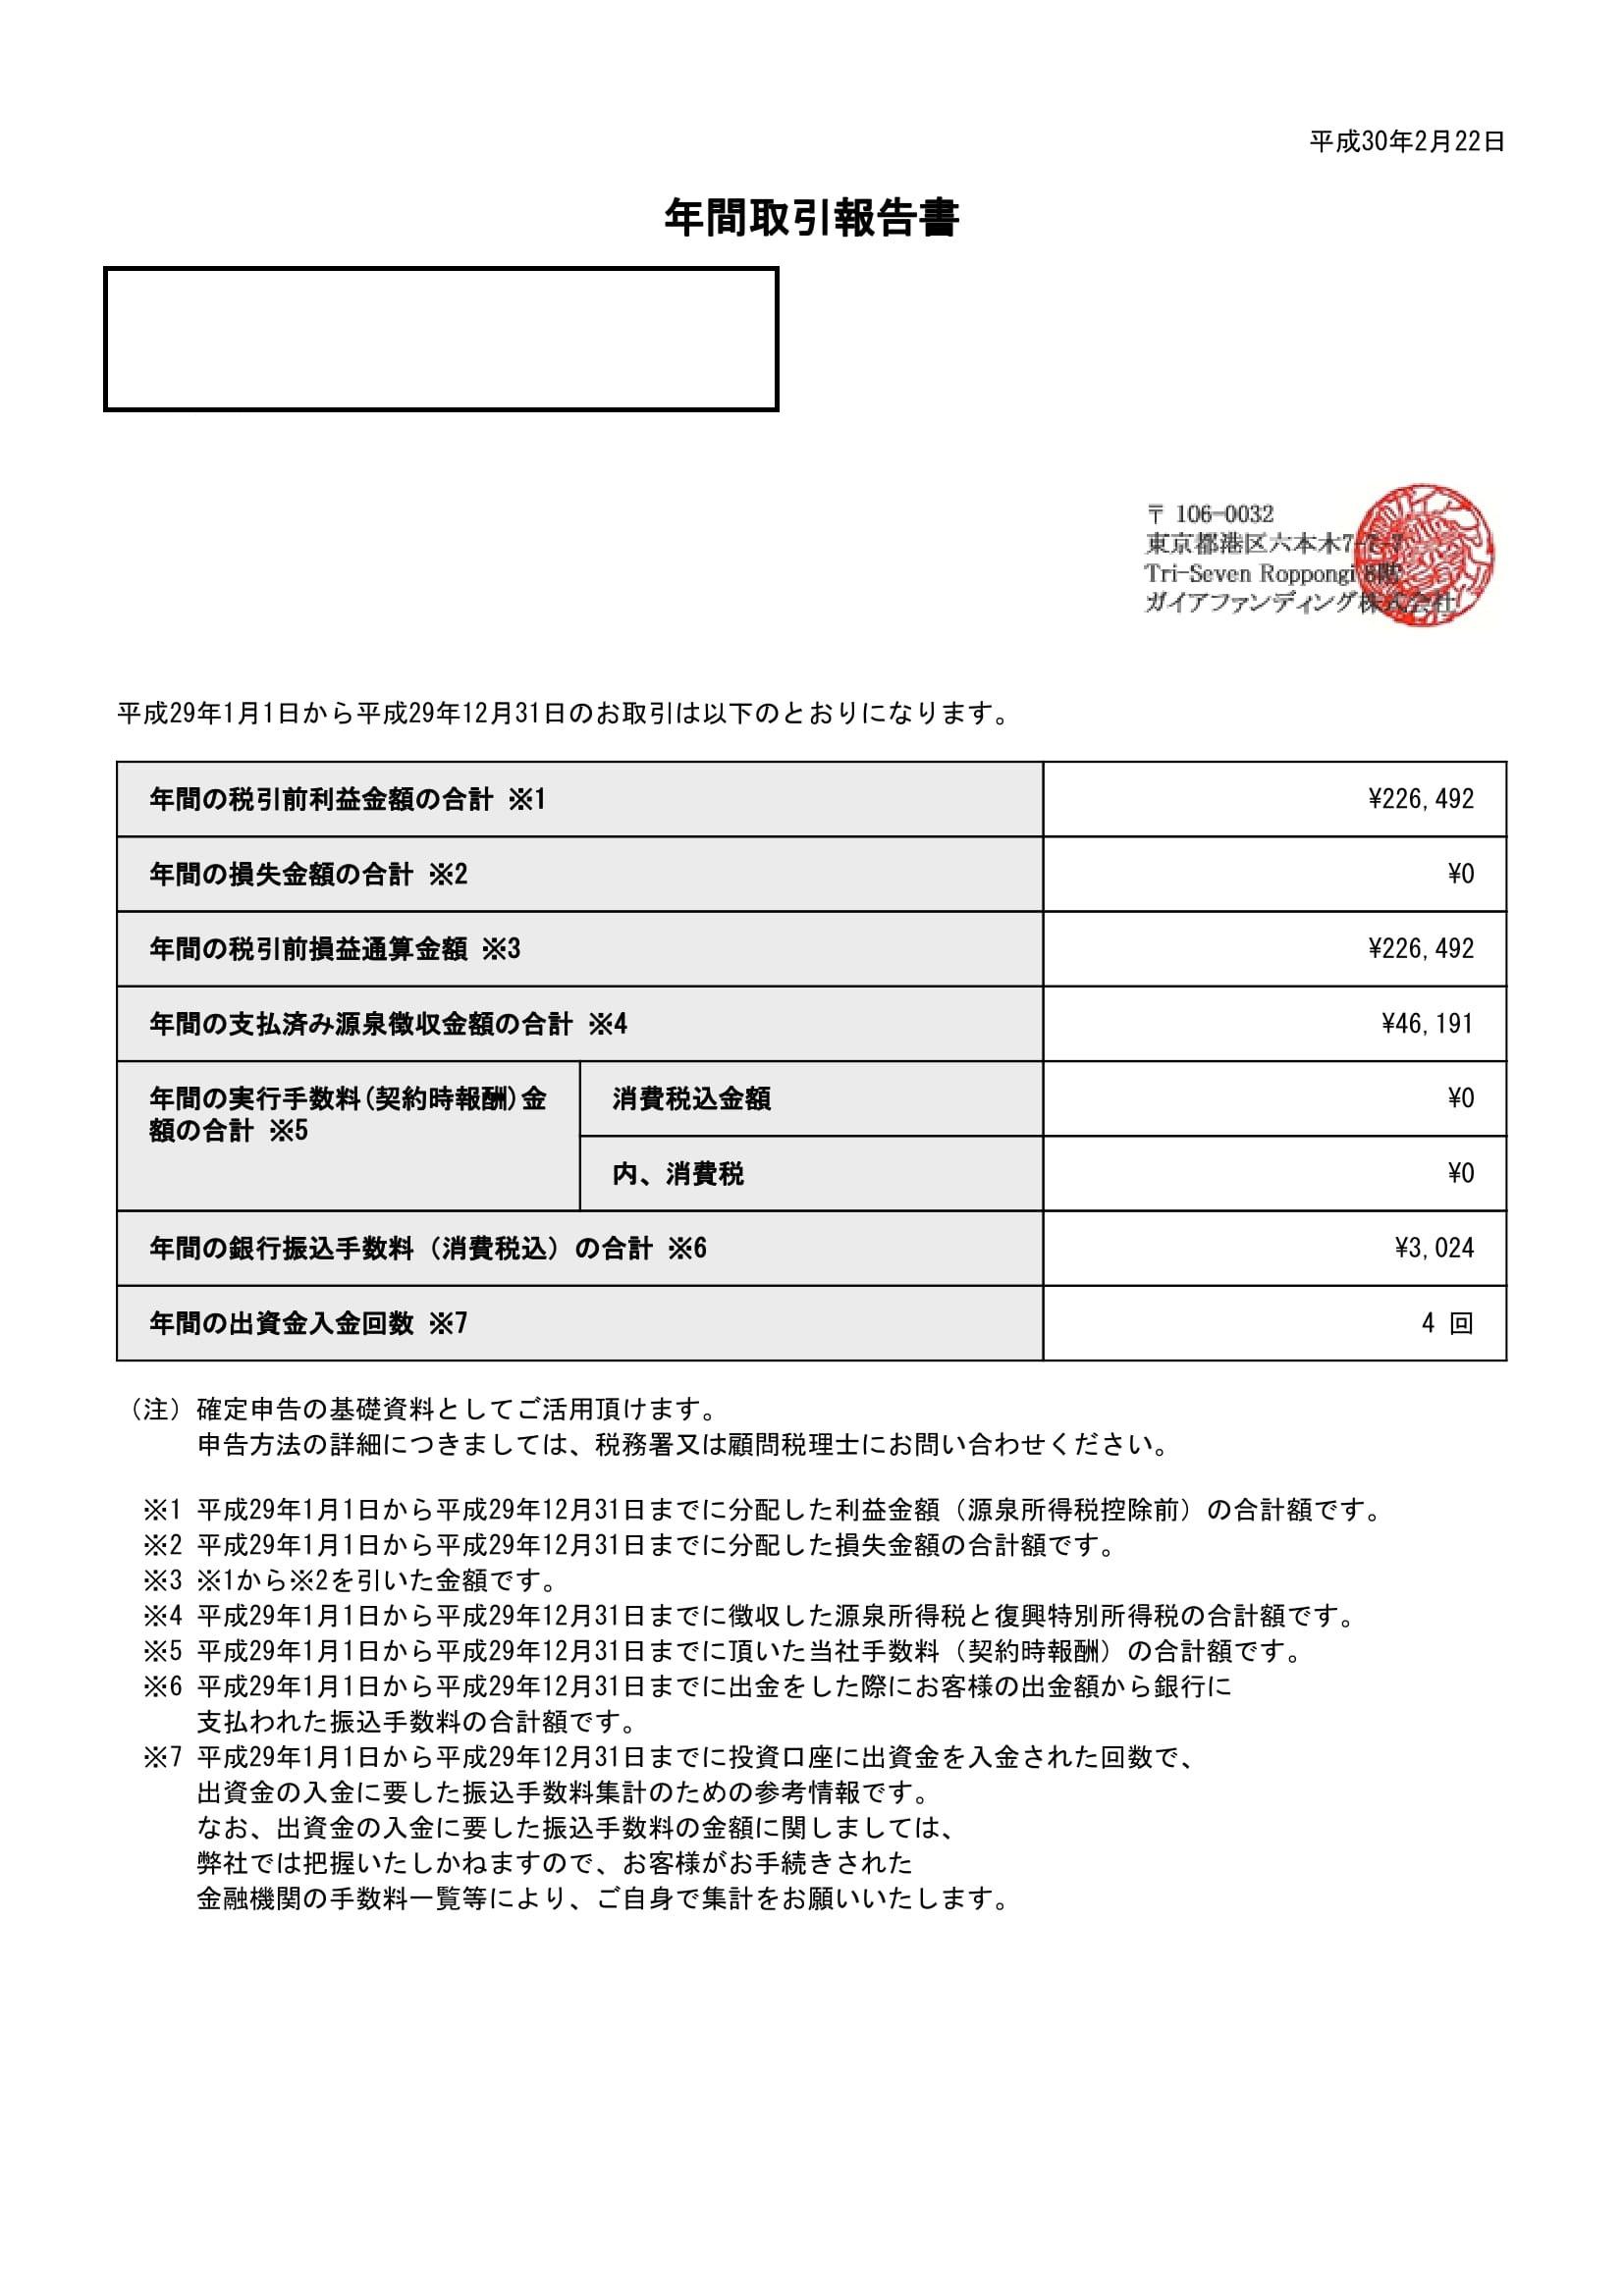 ガイアファンディング年間取引報告書_312_20180222-1